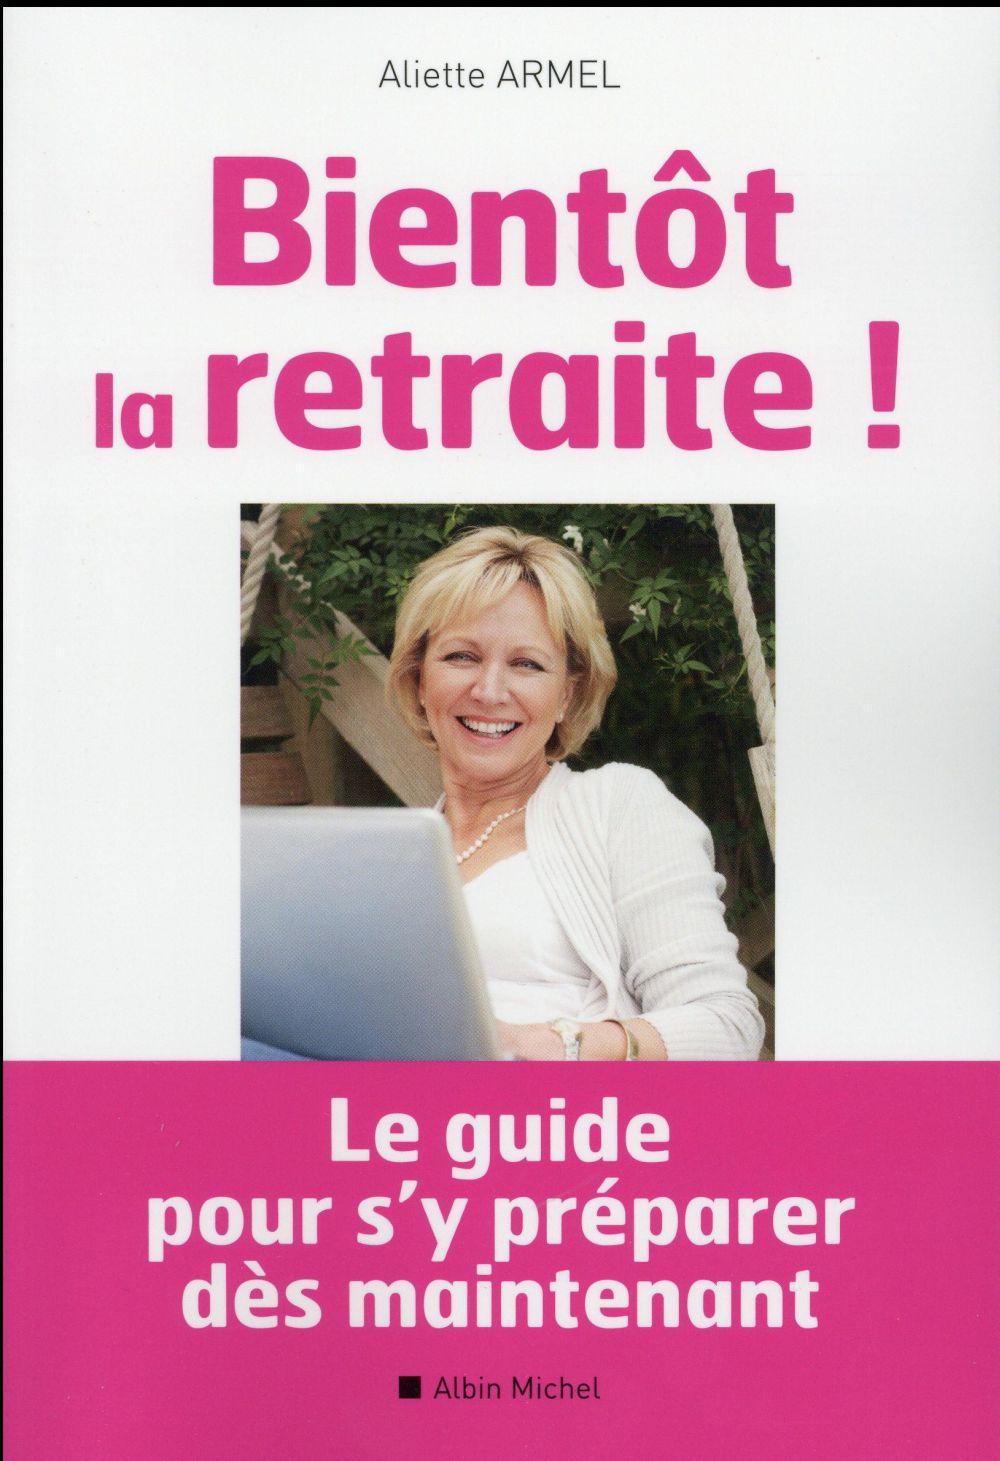 BIENTOT LA RETRAITE ! - LE GUIDE POUR S'Y PREPARER DES MAINTENANT